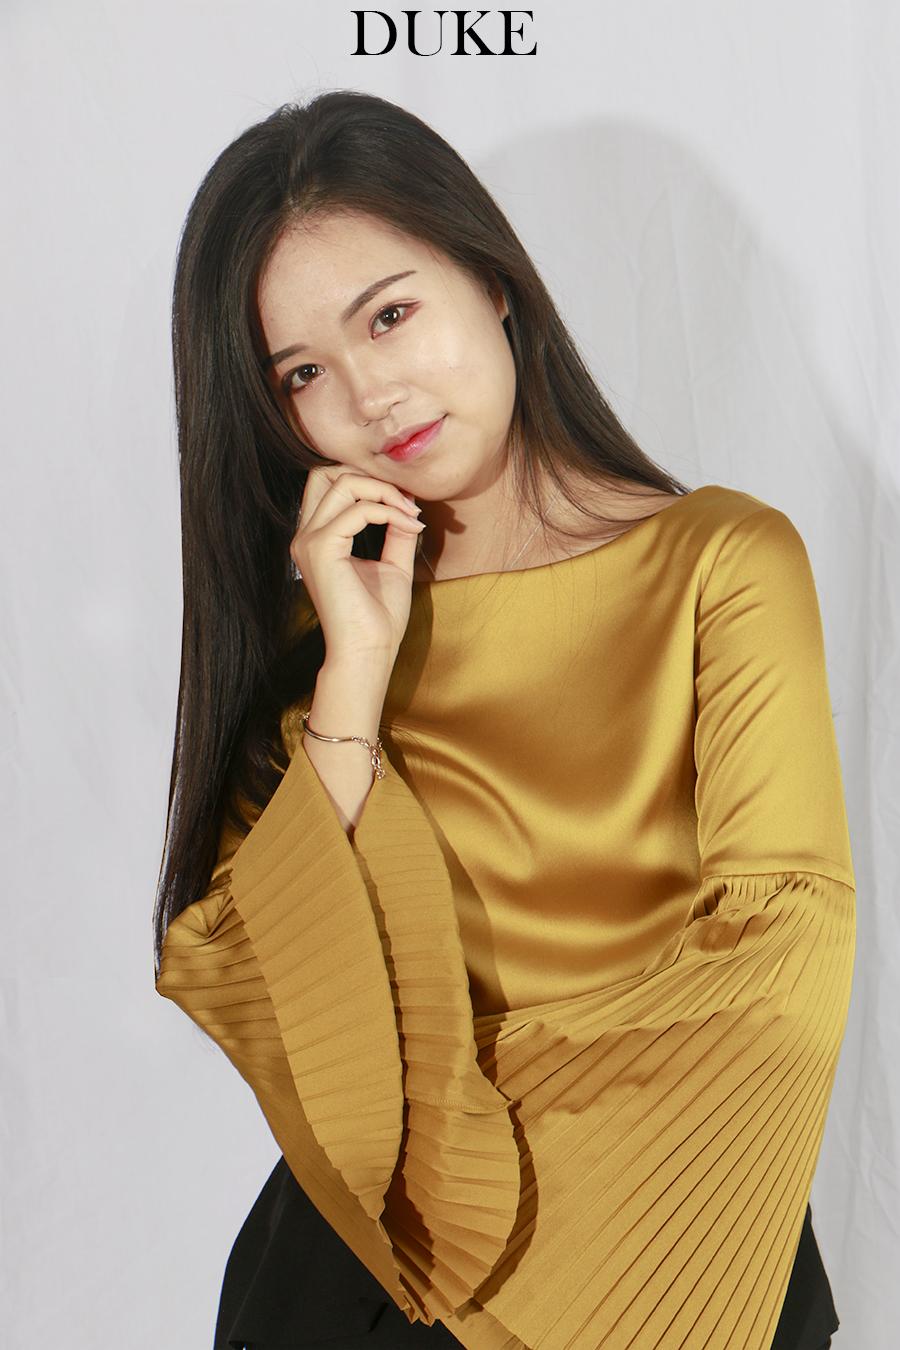 Xiaonan_Chen_fashion_photography_branding_bell_sleeves_DUKE 5